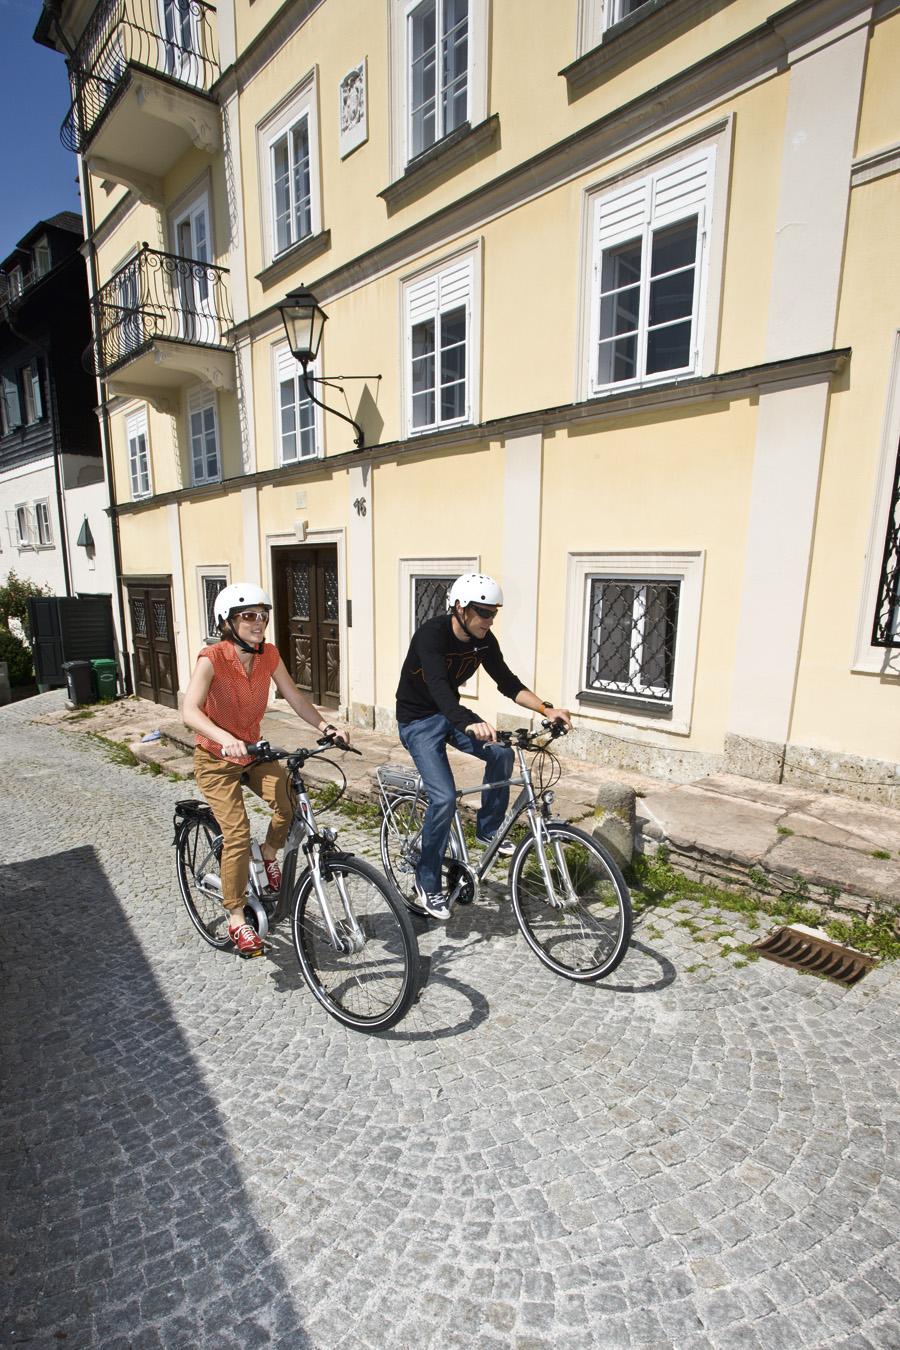 Durch die vielen schmalen Gassen ist man mit dem E-Bike bestens gerüstet.